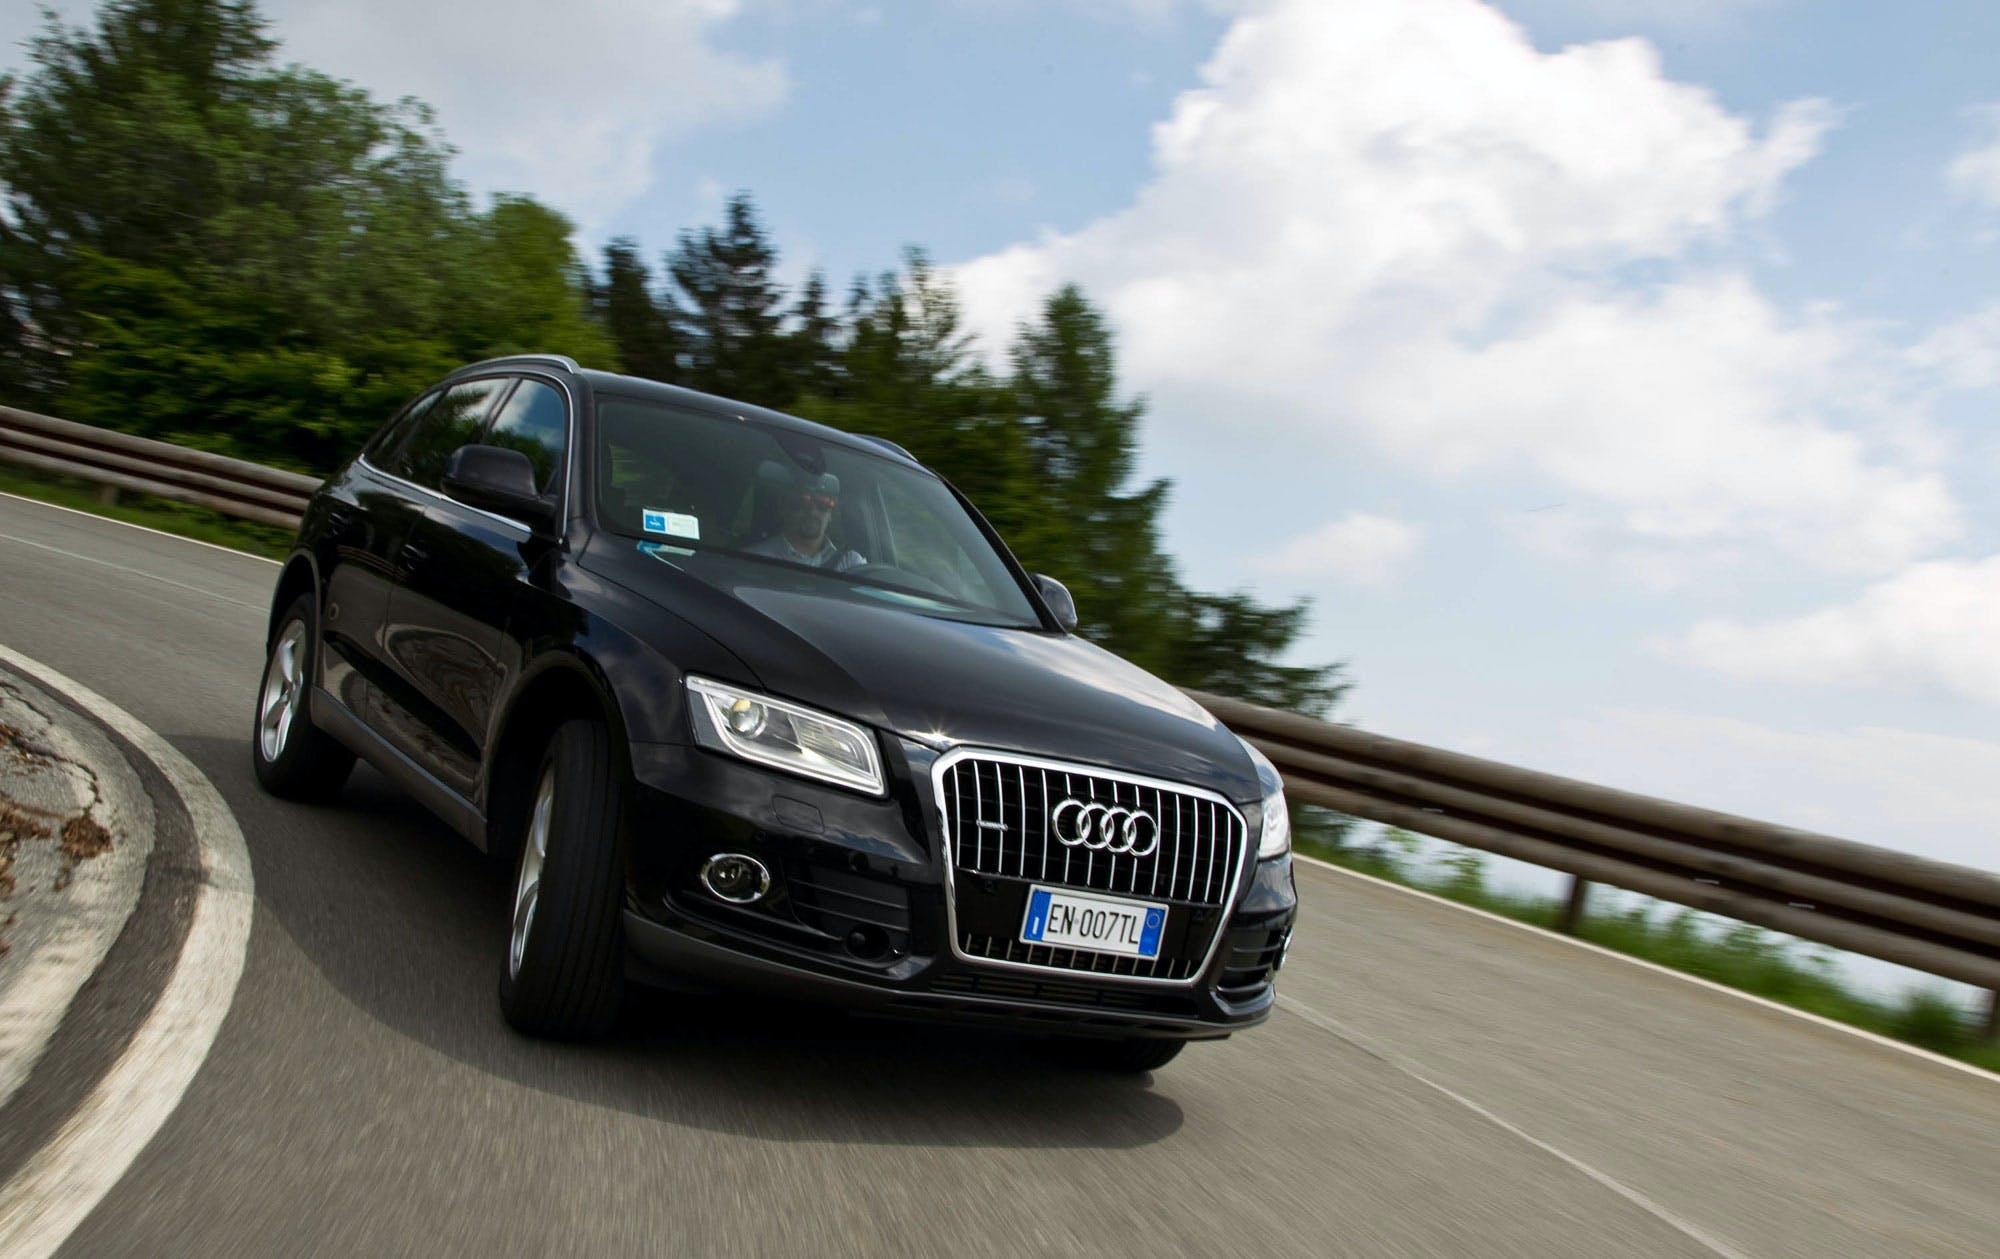 La Q5 e' solo una delle moltissime Audi offerte con il cambio S-Tronic a doppia frizione. Velocissimo in ogni situazione e' un vero plus nell'allestimento